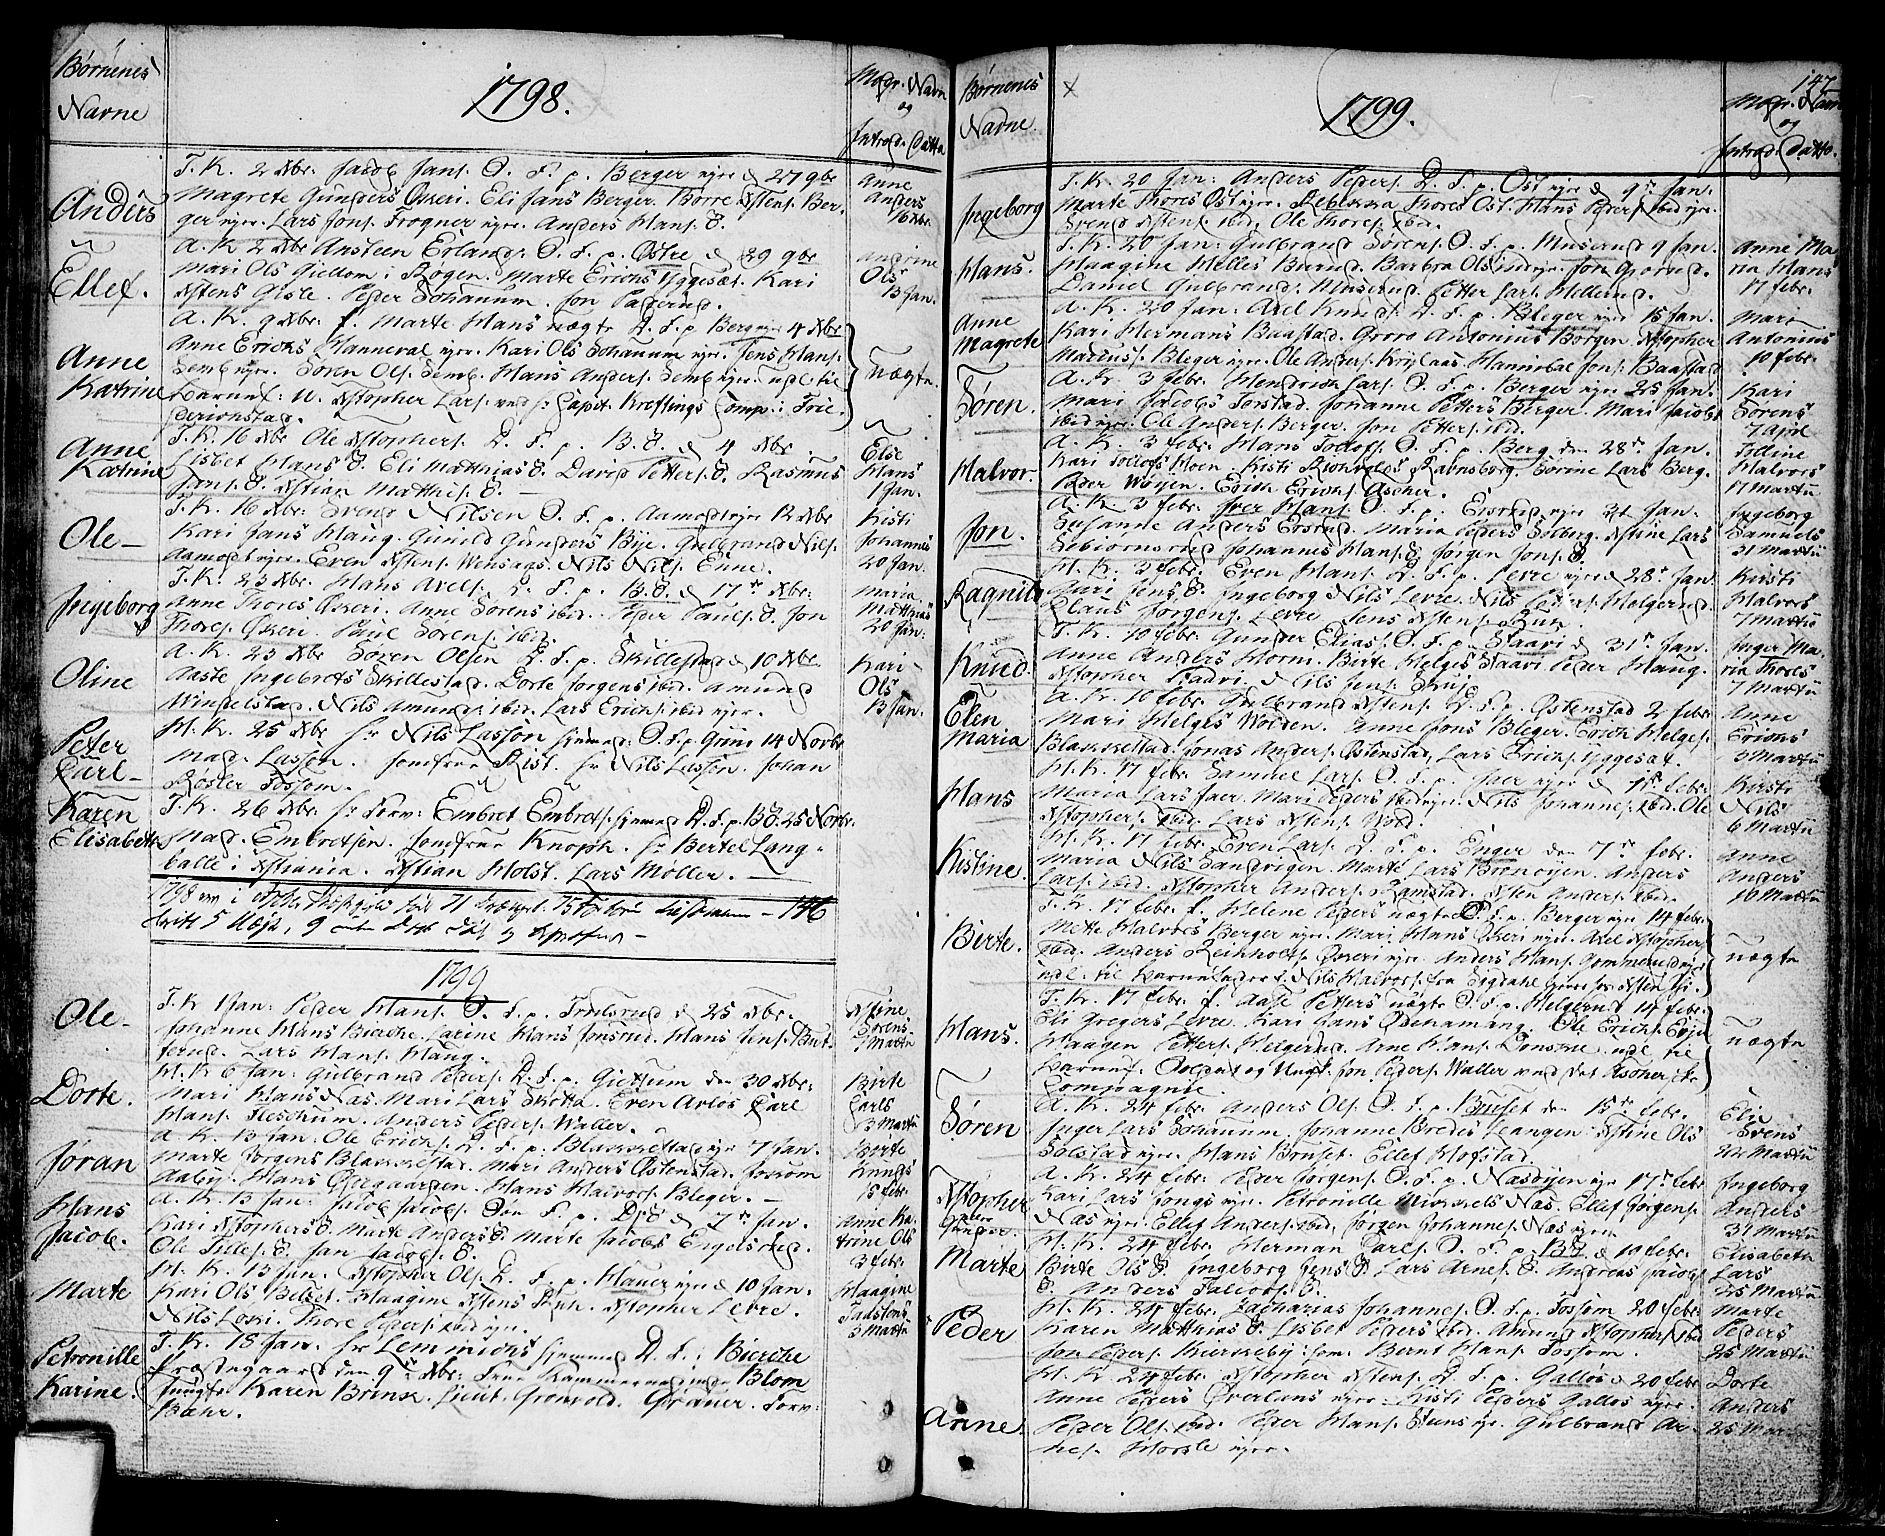 SAO, Asker prestekontor Kirkebøker, F/Fa/L0003: Ministerialbok nr. I 3, 1767-1807, s. 147